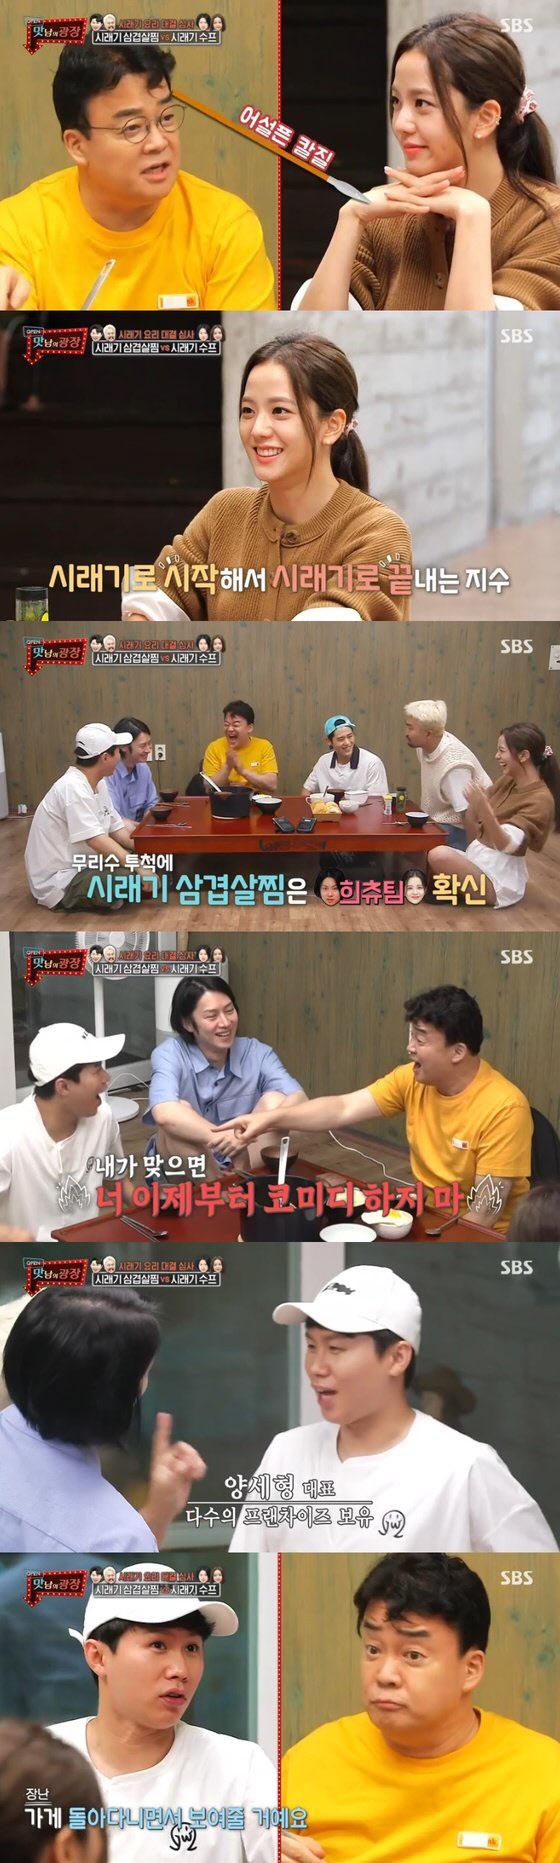 """'맛남' 백종원 블핑 지수 연기에 팀 맞히기 실패…""""내 가게 다 가져"""" 폭소"""